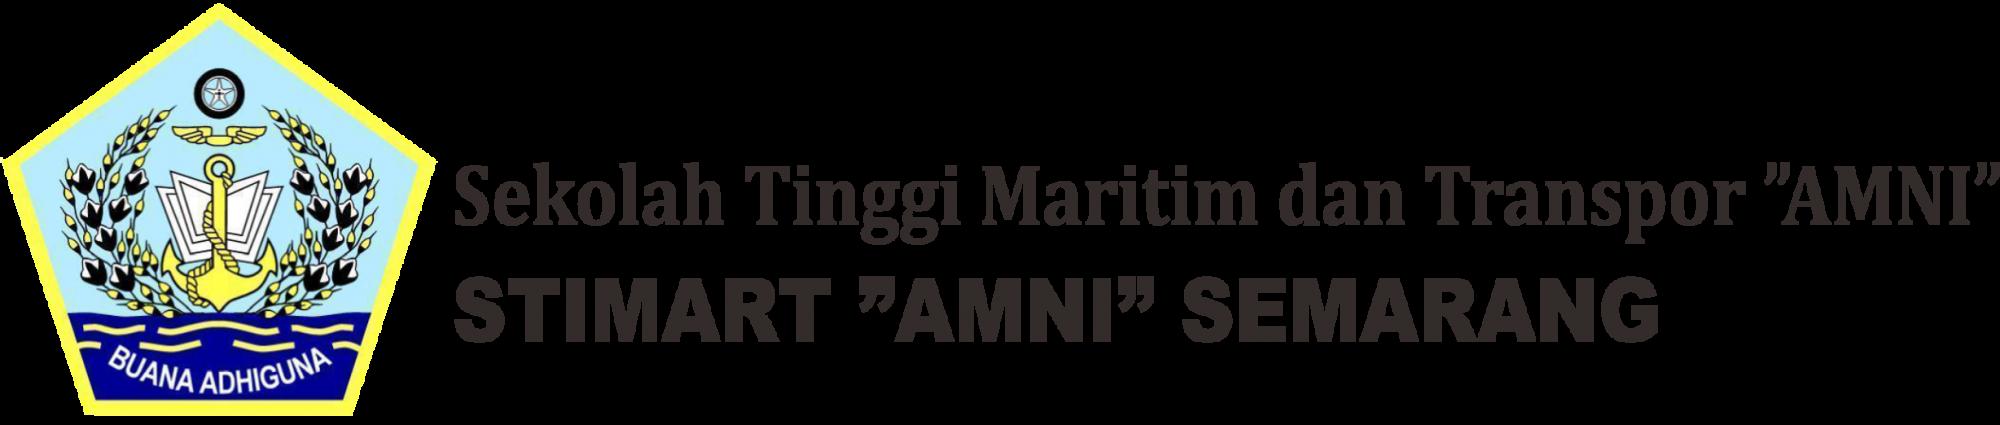 """Sekolah Tinggi Maritim dan Transpor """"AMNI"""""""